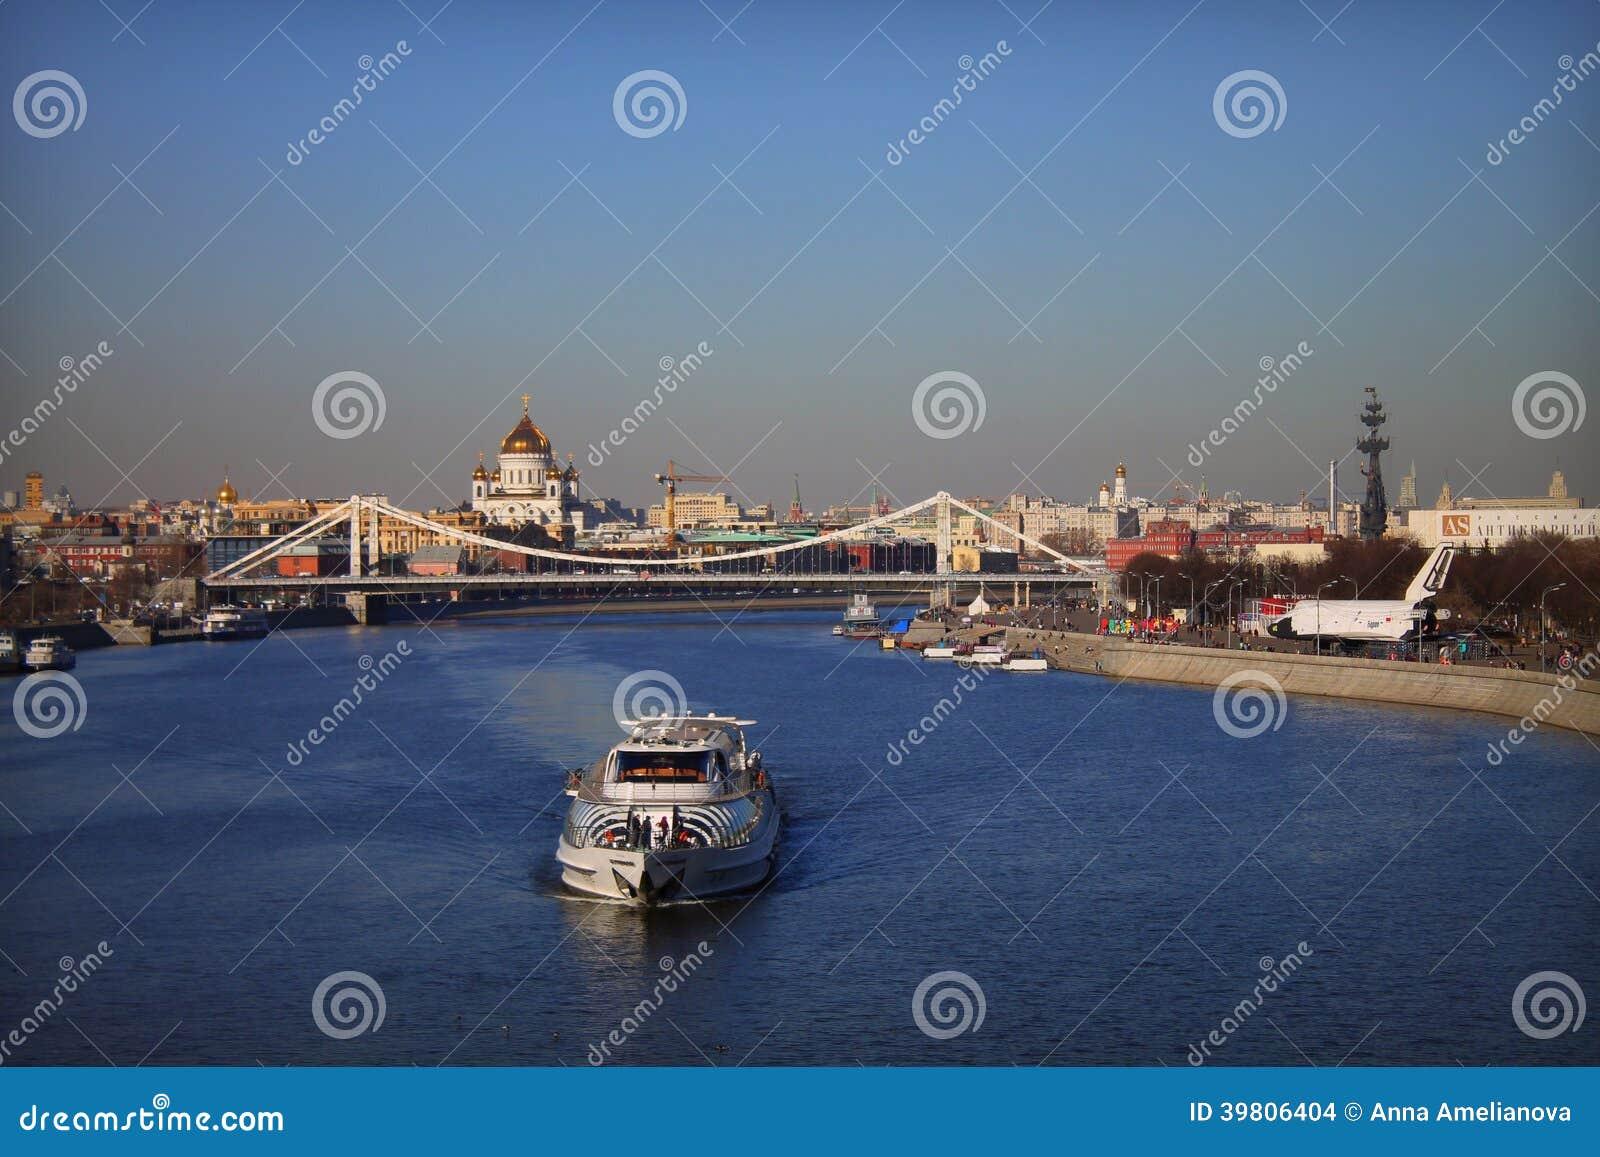 Bateau sur la rivière de Moscou